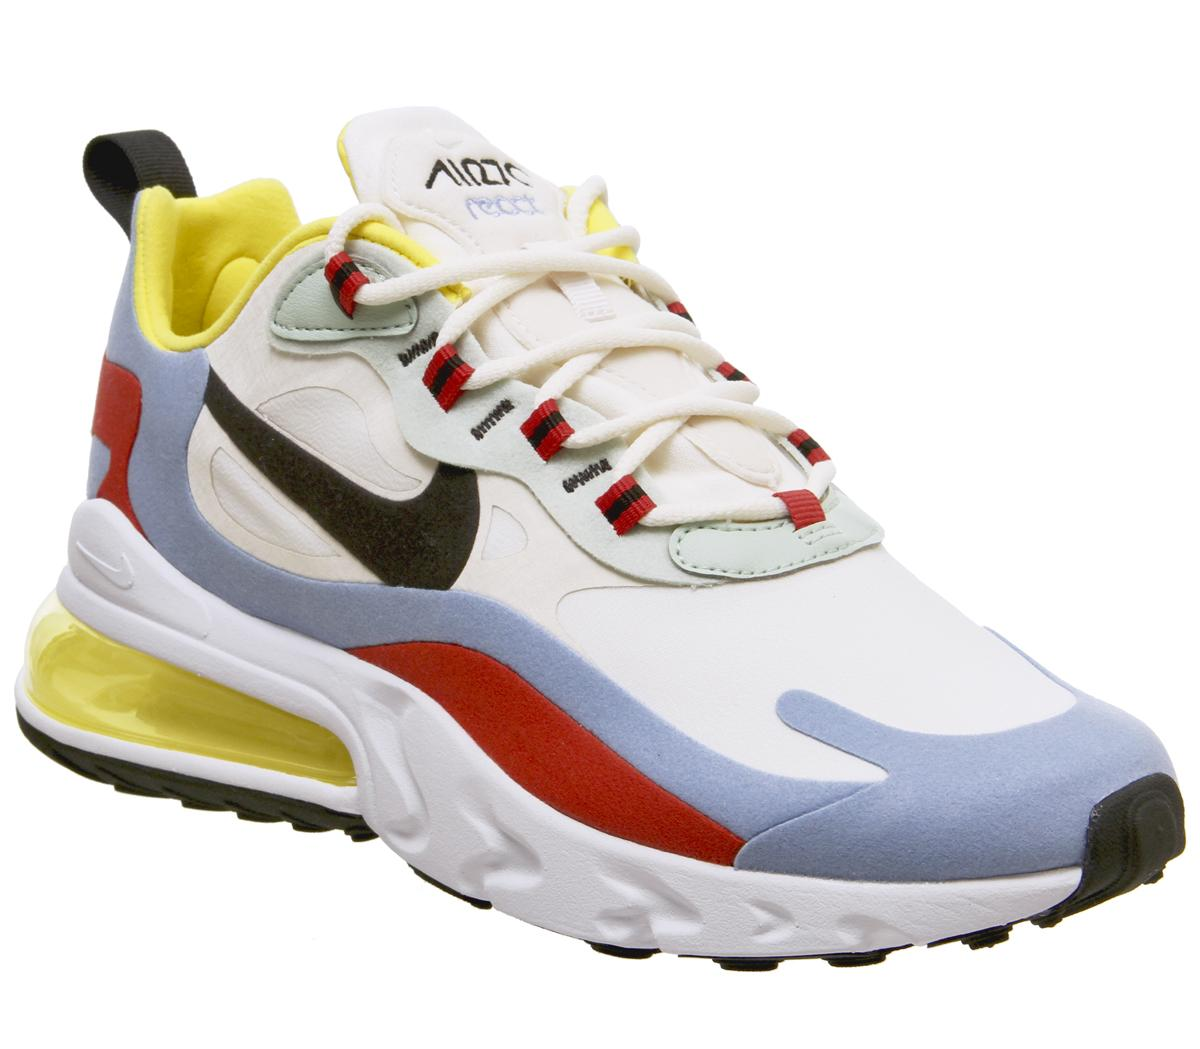 Nike Air Max 270 React Trainers Phantom